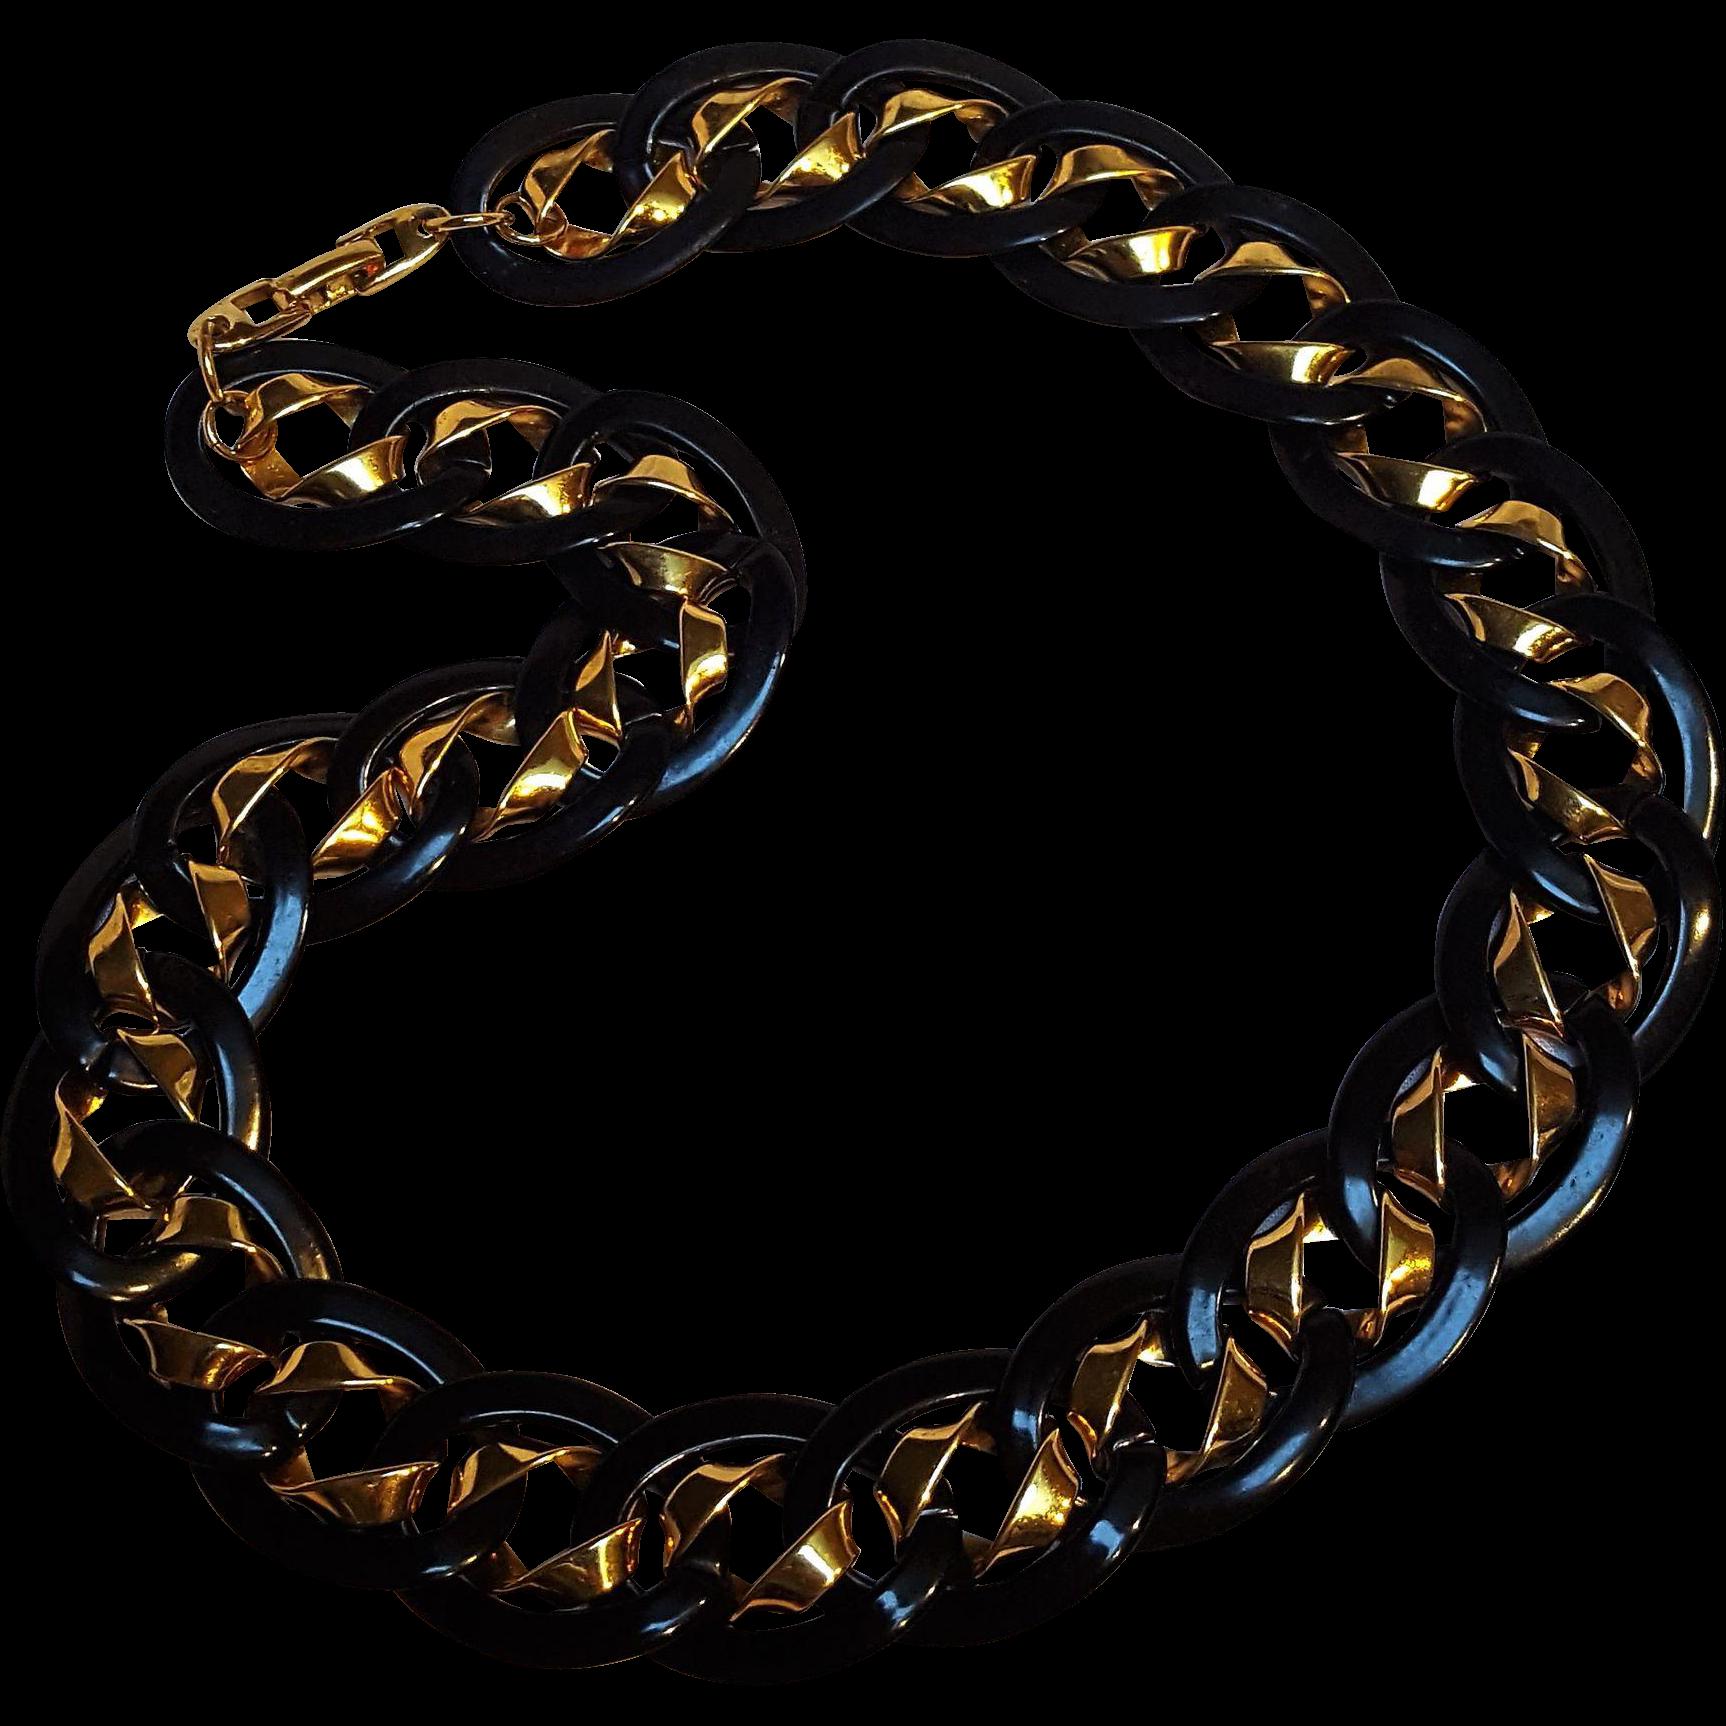 Napier necklace black enamel gold flat chain